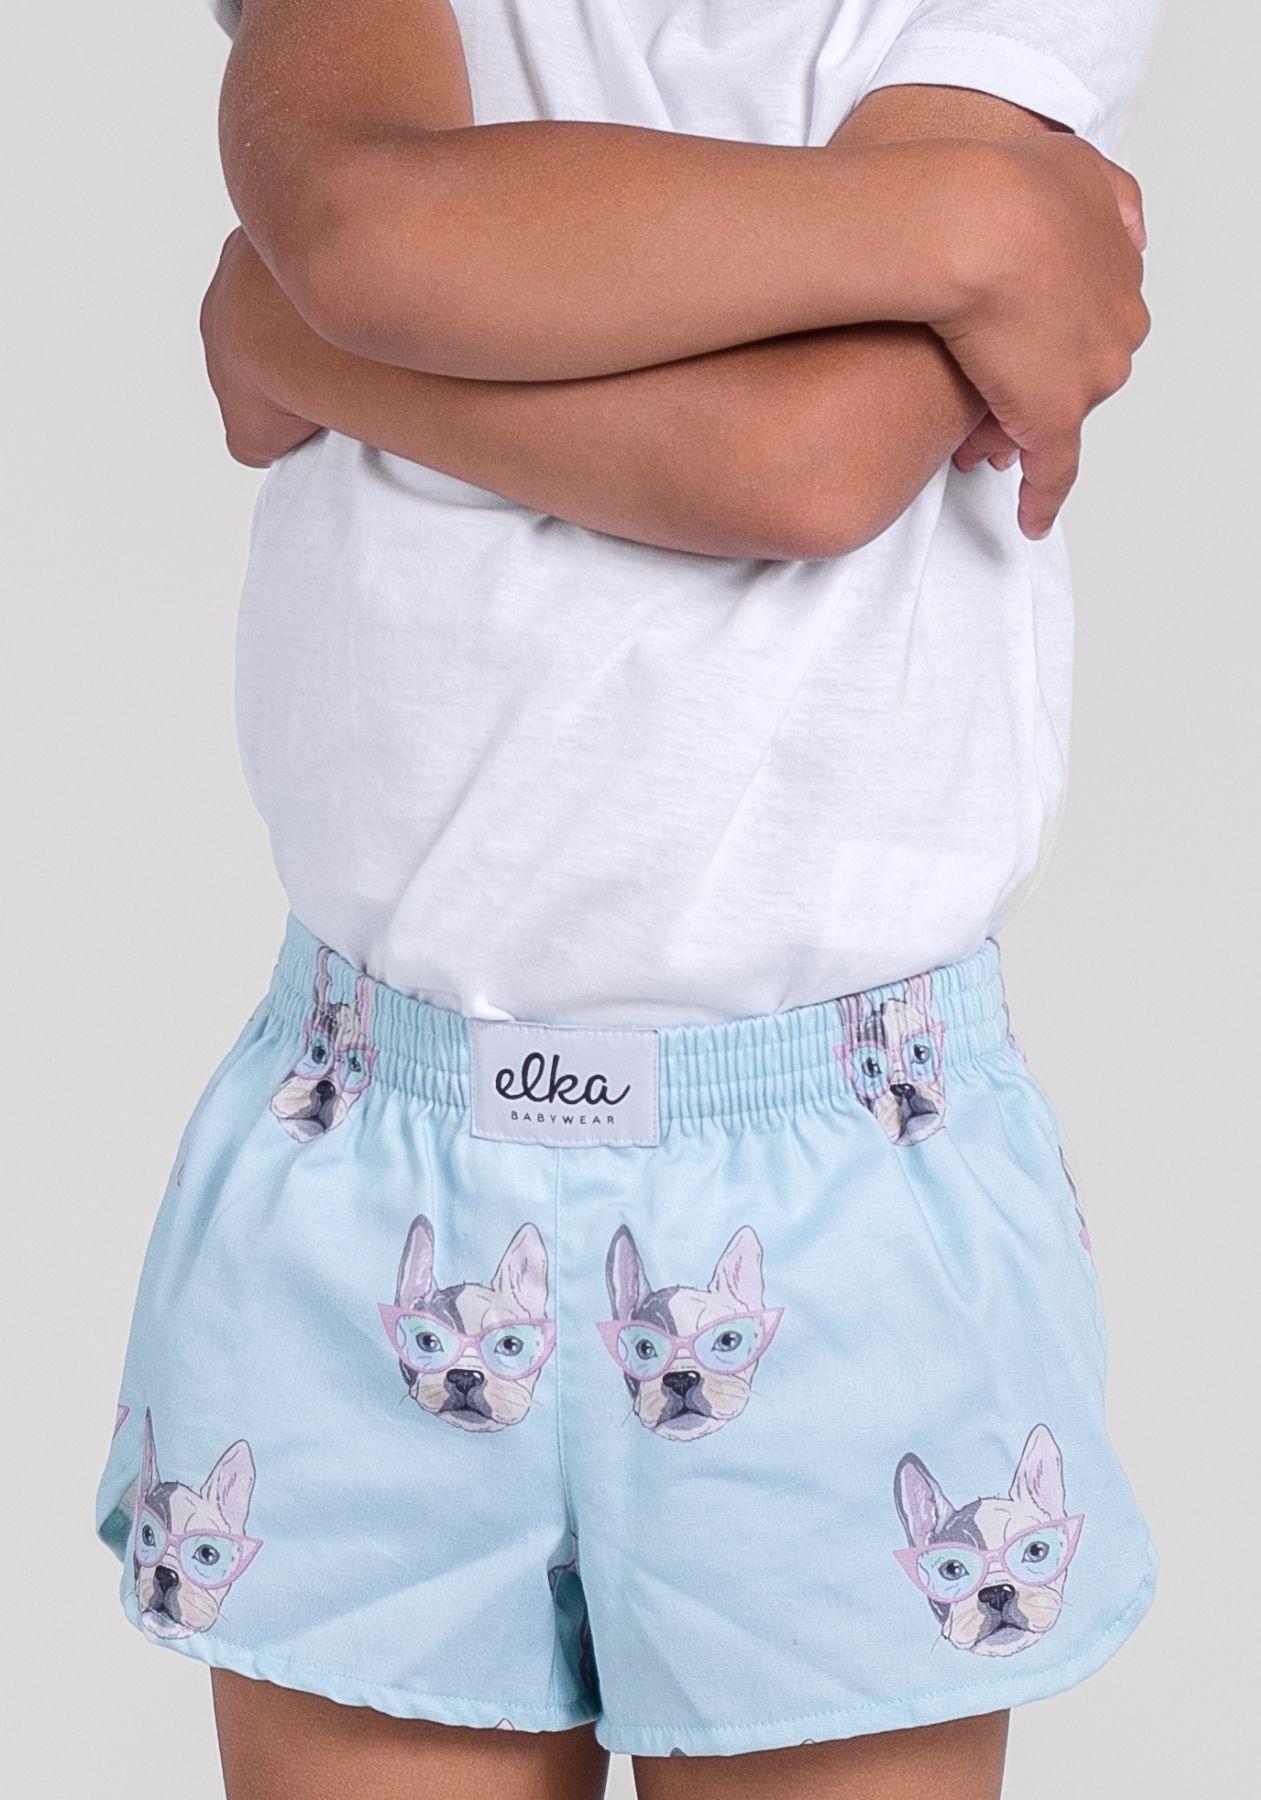 Kids-boxershorts-ELKA-Lounge-K00107